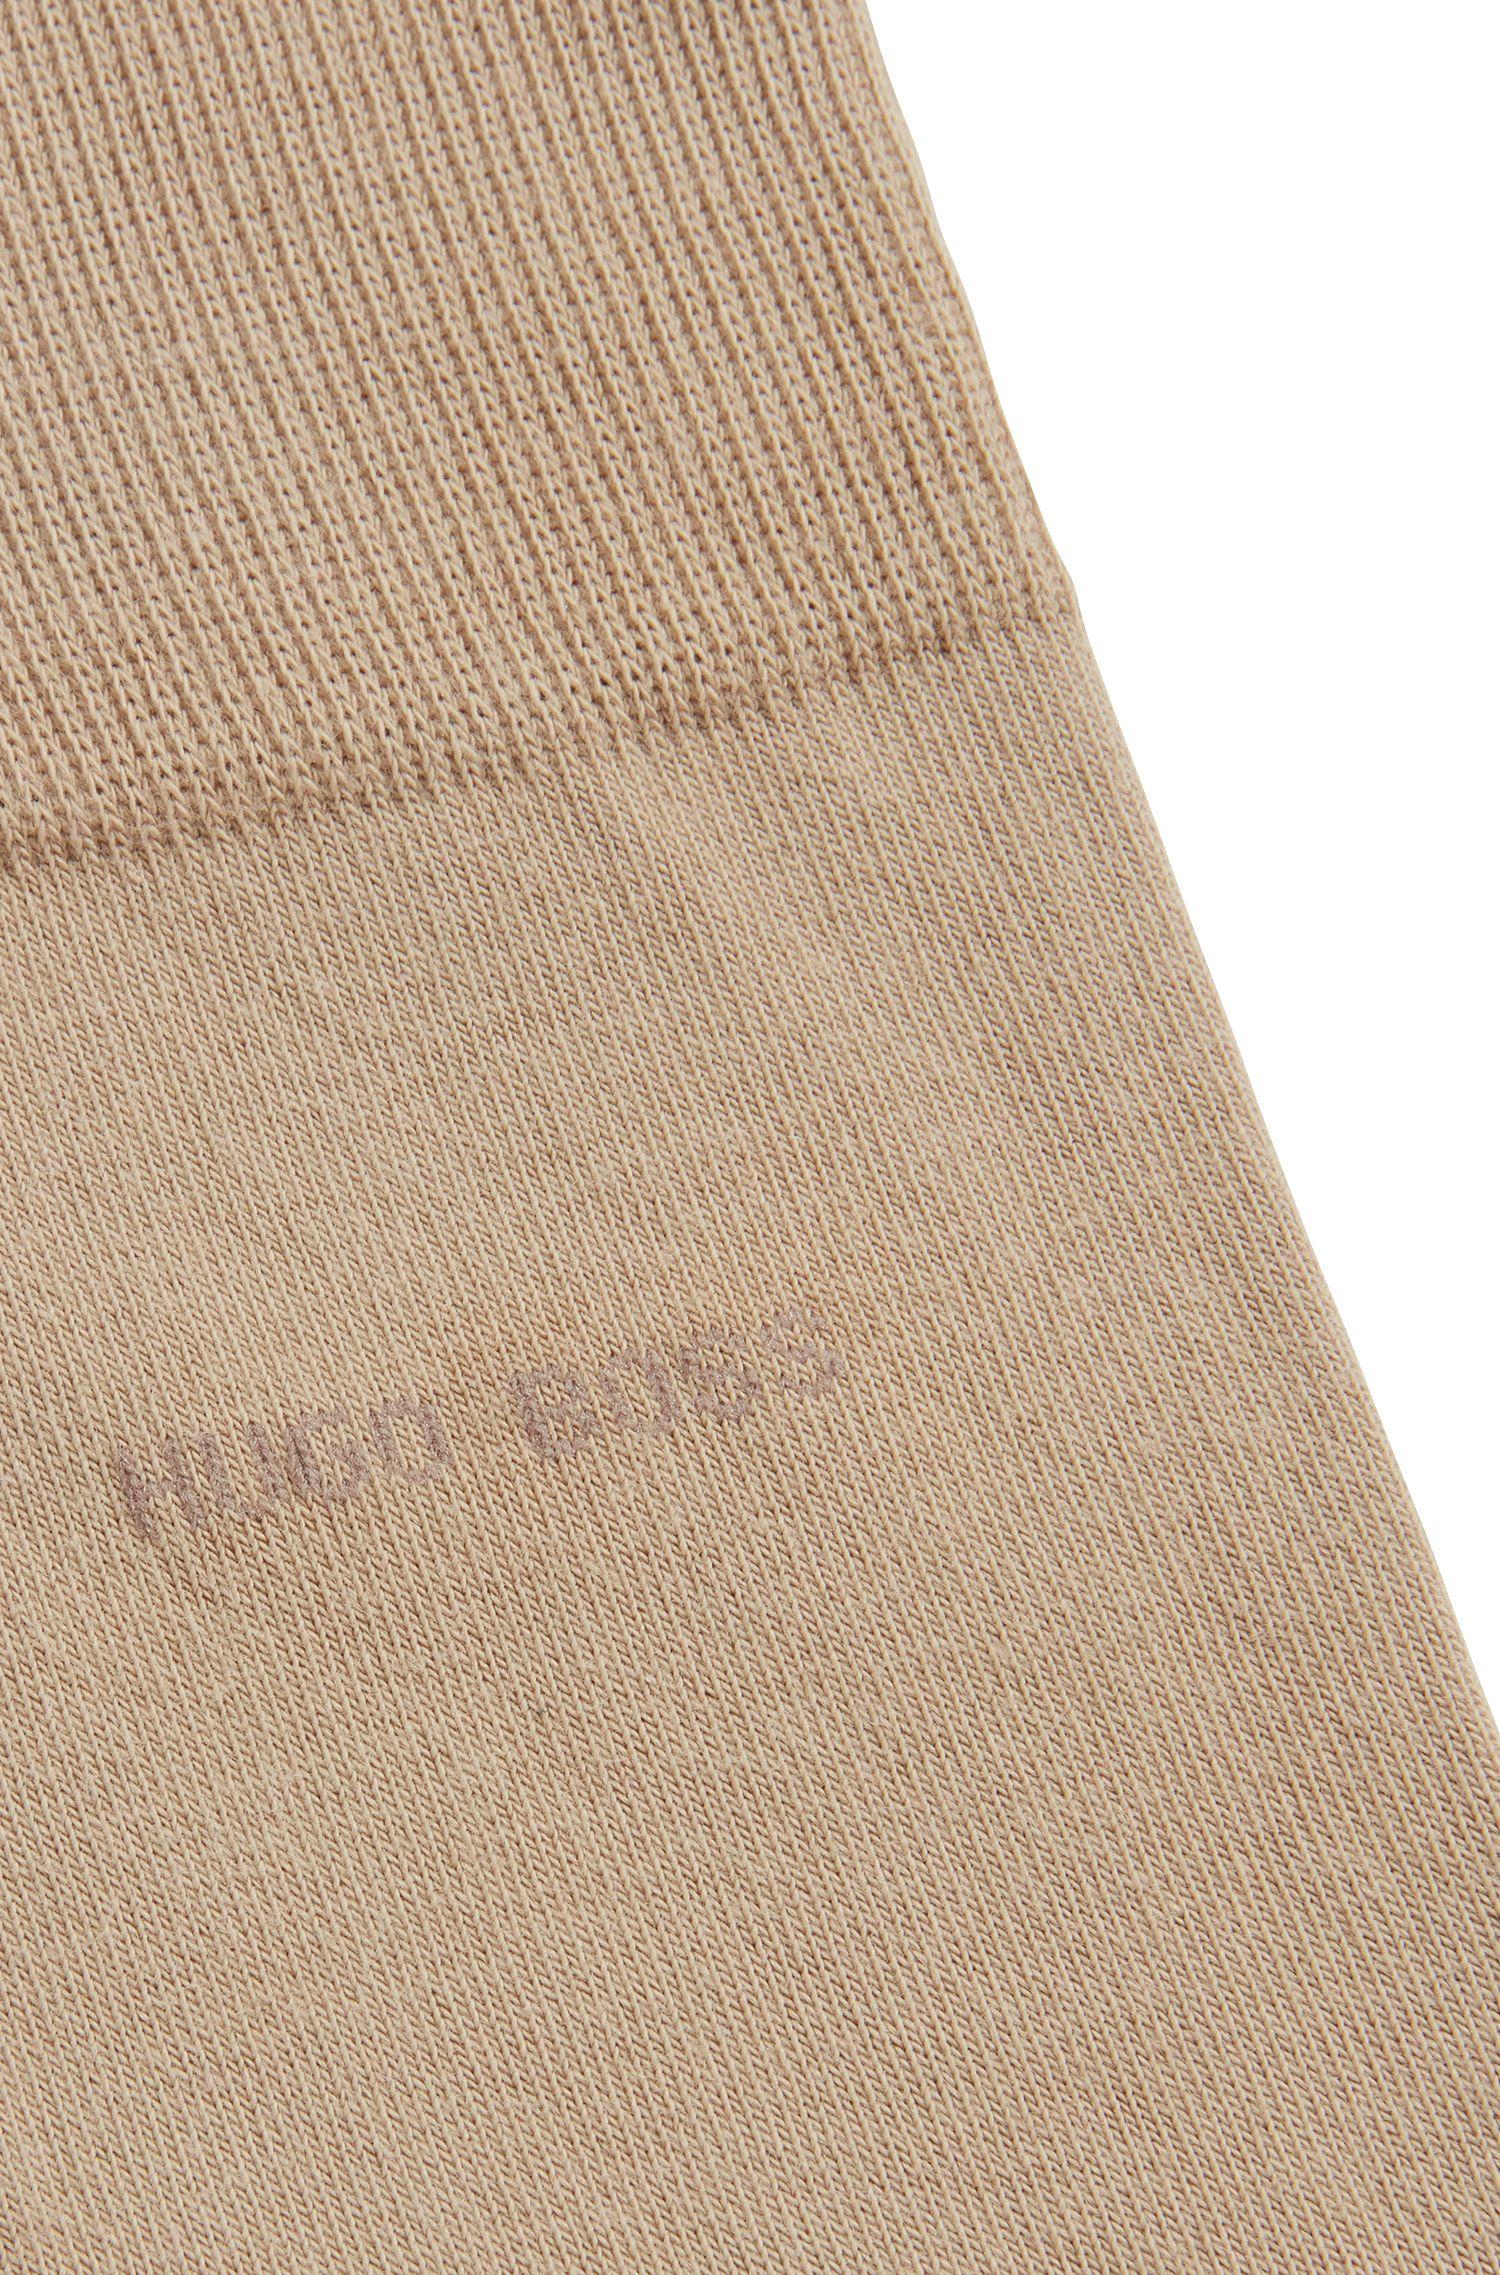 Socken aus nachhaltiger Stretch-Baumwolle mit gekämmtem Finish, Beige